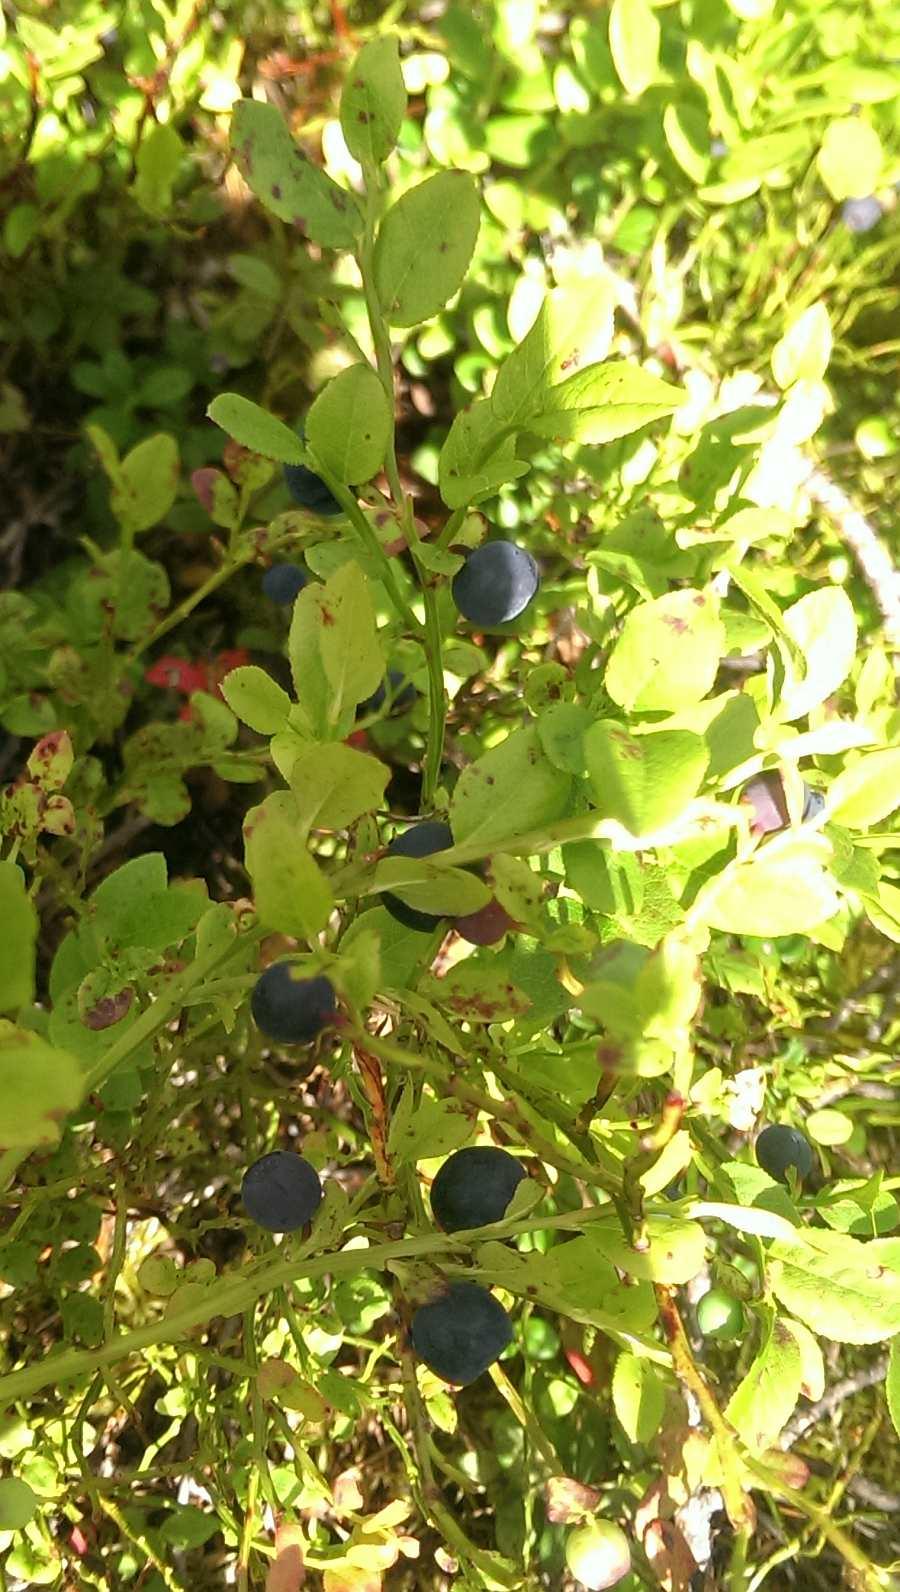 Und es gibt reichlich Beeren im Wald. Himbeeren, Walderdbeeren oder eben Mengen von Blaubeeren